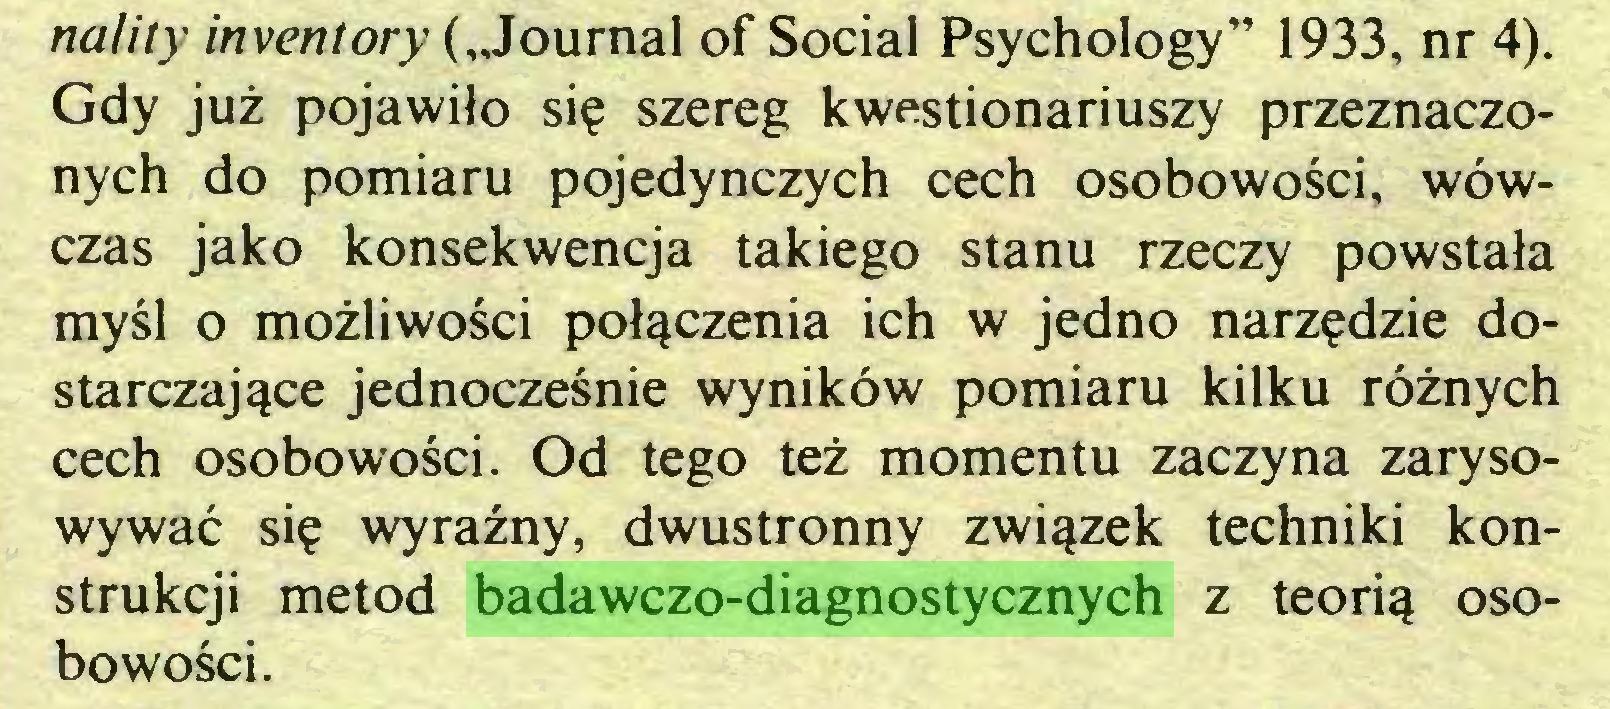 """(...) nalny inventory (""""Journal of Social Psychology"""" 1933, nr 4). Gdy już pojawiło się szereg kwestionariuszy przeznaczonych do pomiaru pojedynczych cech osobowości, wówczas jako konsekwencja takiego stanu rzeczy powstała myśl o możliwości połączenia ich w jedno narzędzie dostarczające jednocześnie wyników pomiaru kilku różnych cech osobowości. Od tego też momentu zaczyna zarysowywać się wyraźny, dwustronny związek techniki konstrukcji metod badawczo-diagnostycznych z teorią osobowości..."""